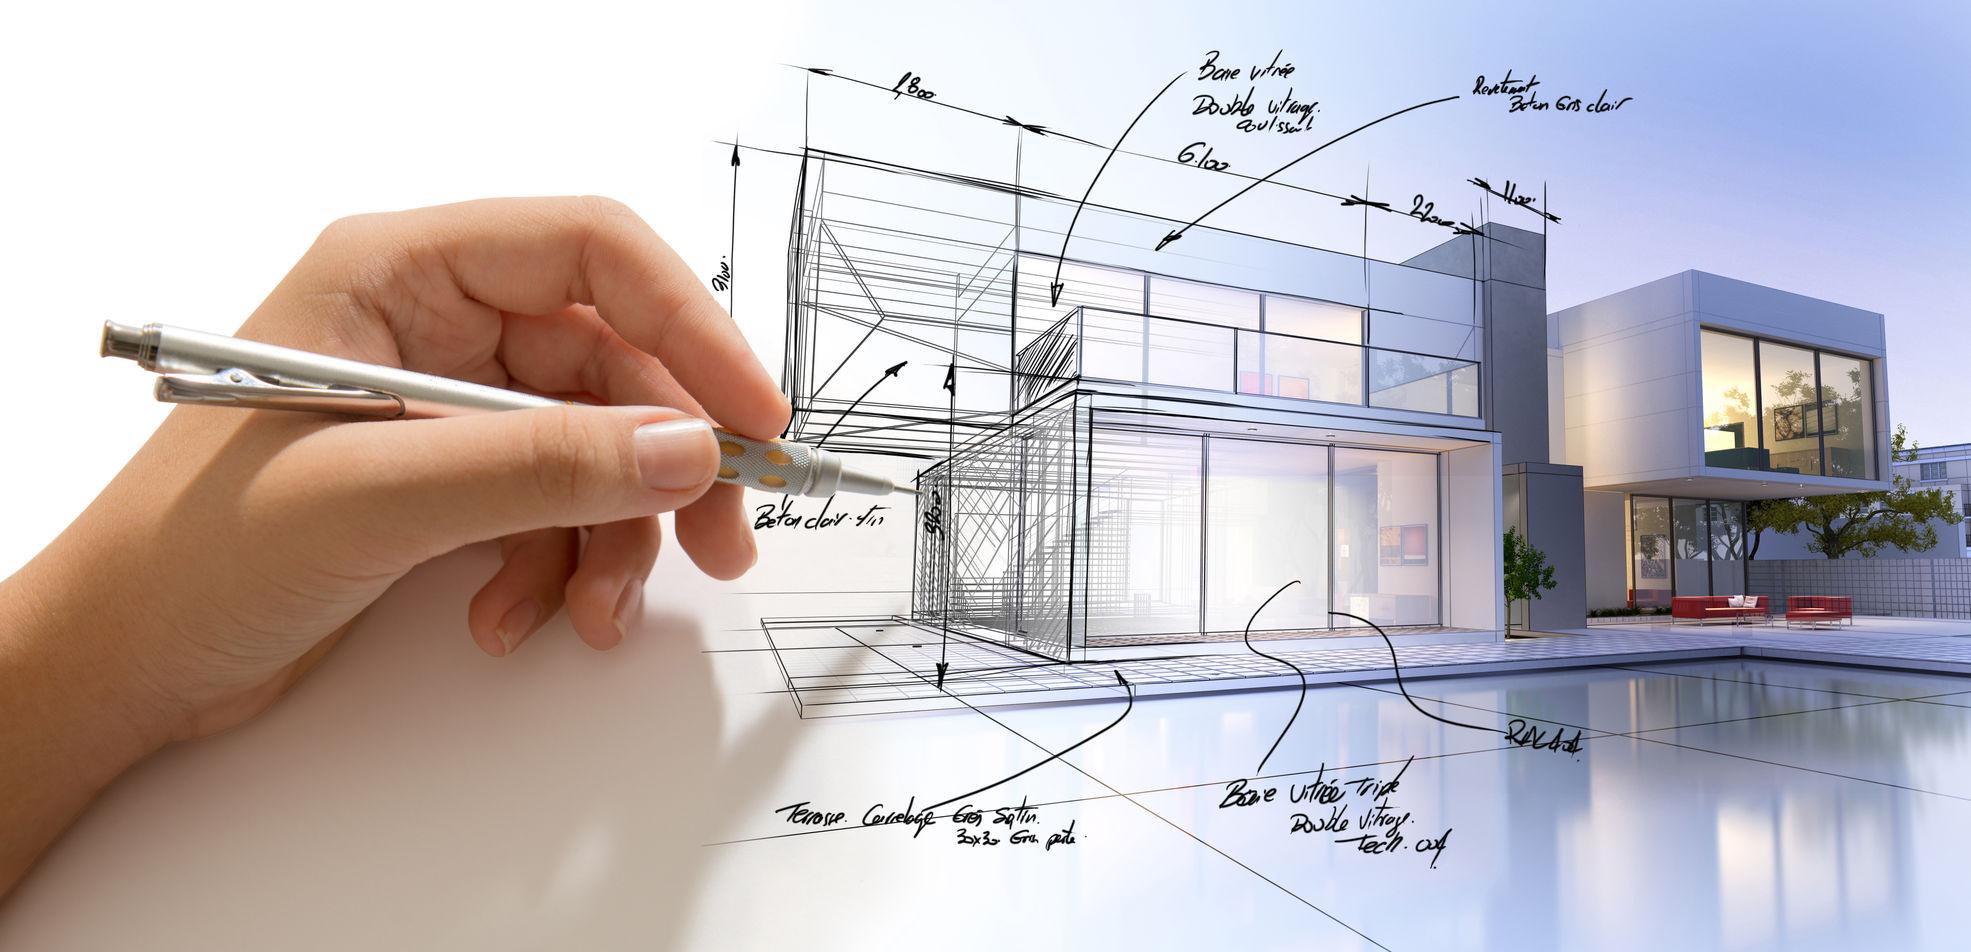 Best Kitchen Gallery: Architectural Design Services Drafting Help of Architectural Design  on rachelxblog.com